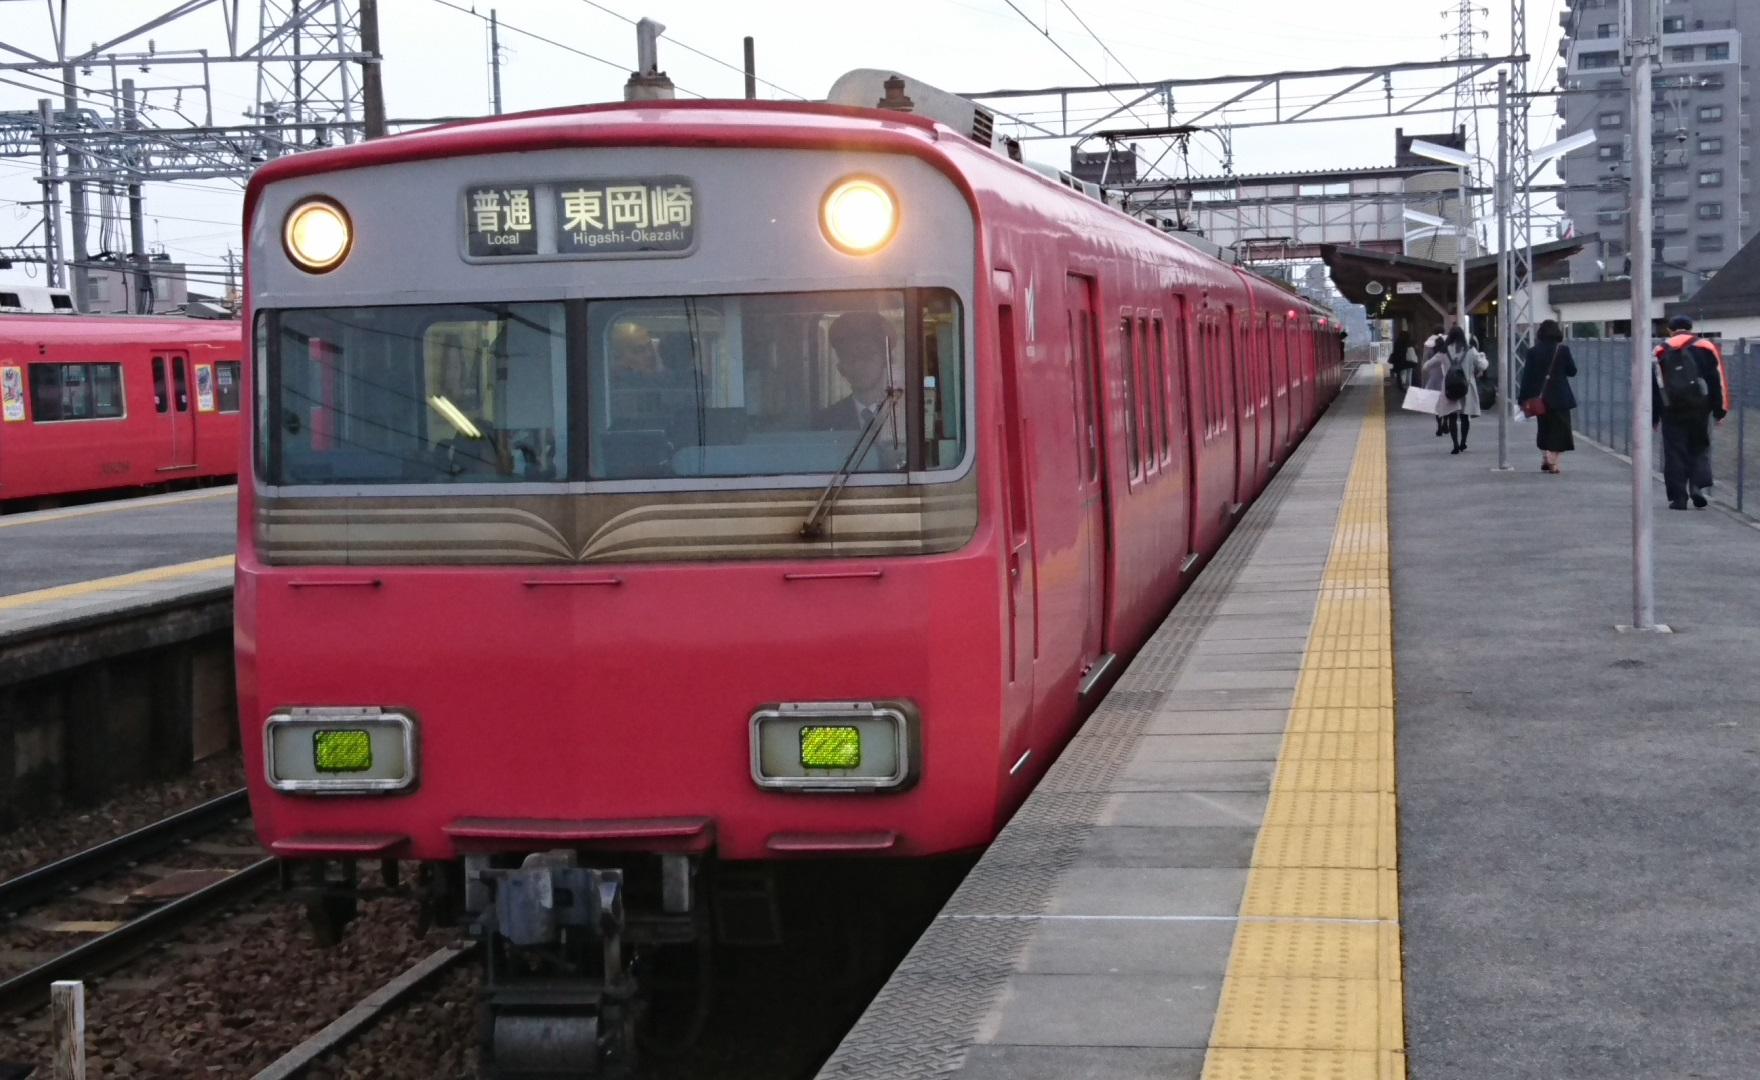 2016.12.4 (5) 矢作橋 - 東岡崎いきふつう(6410)1760-1080